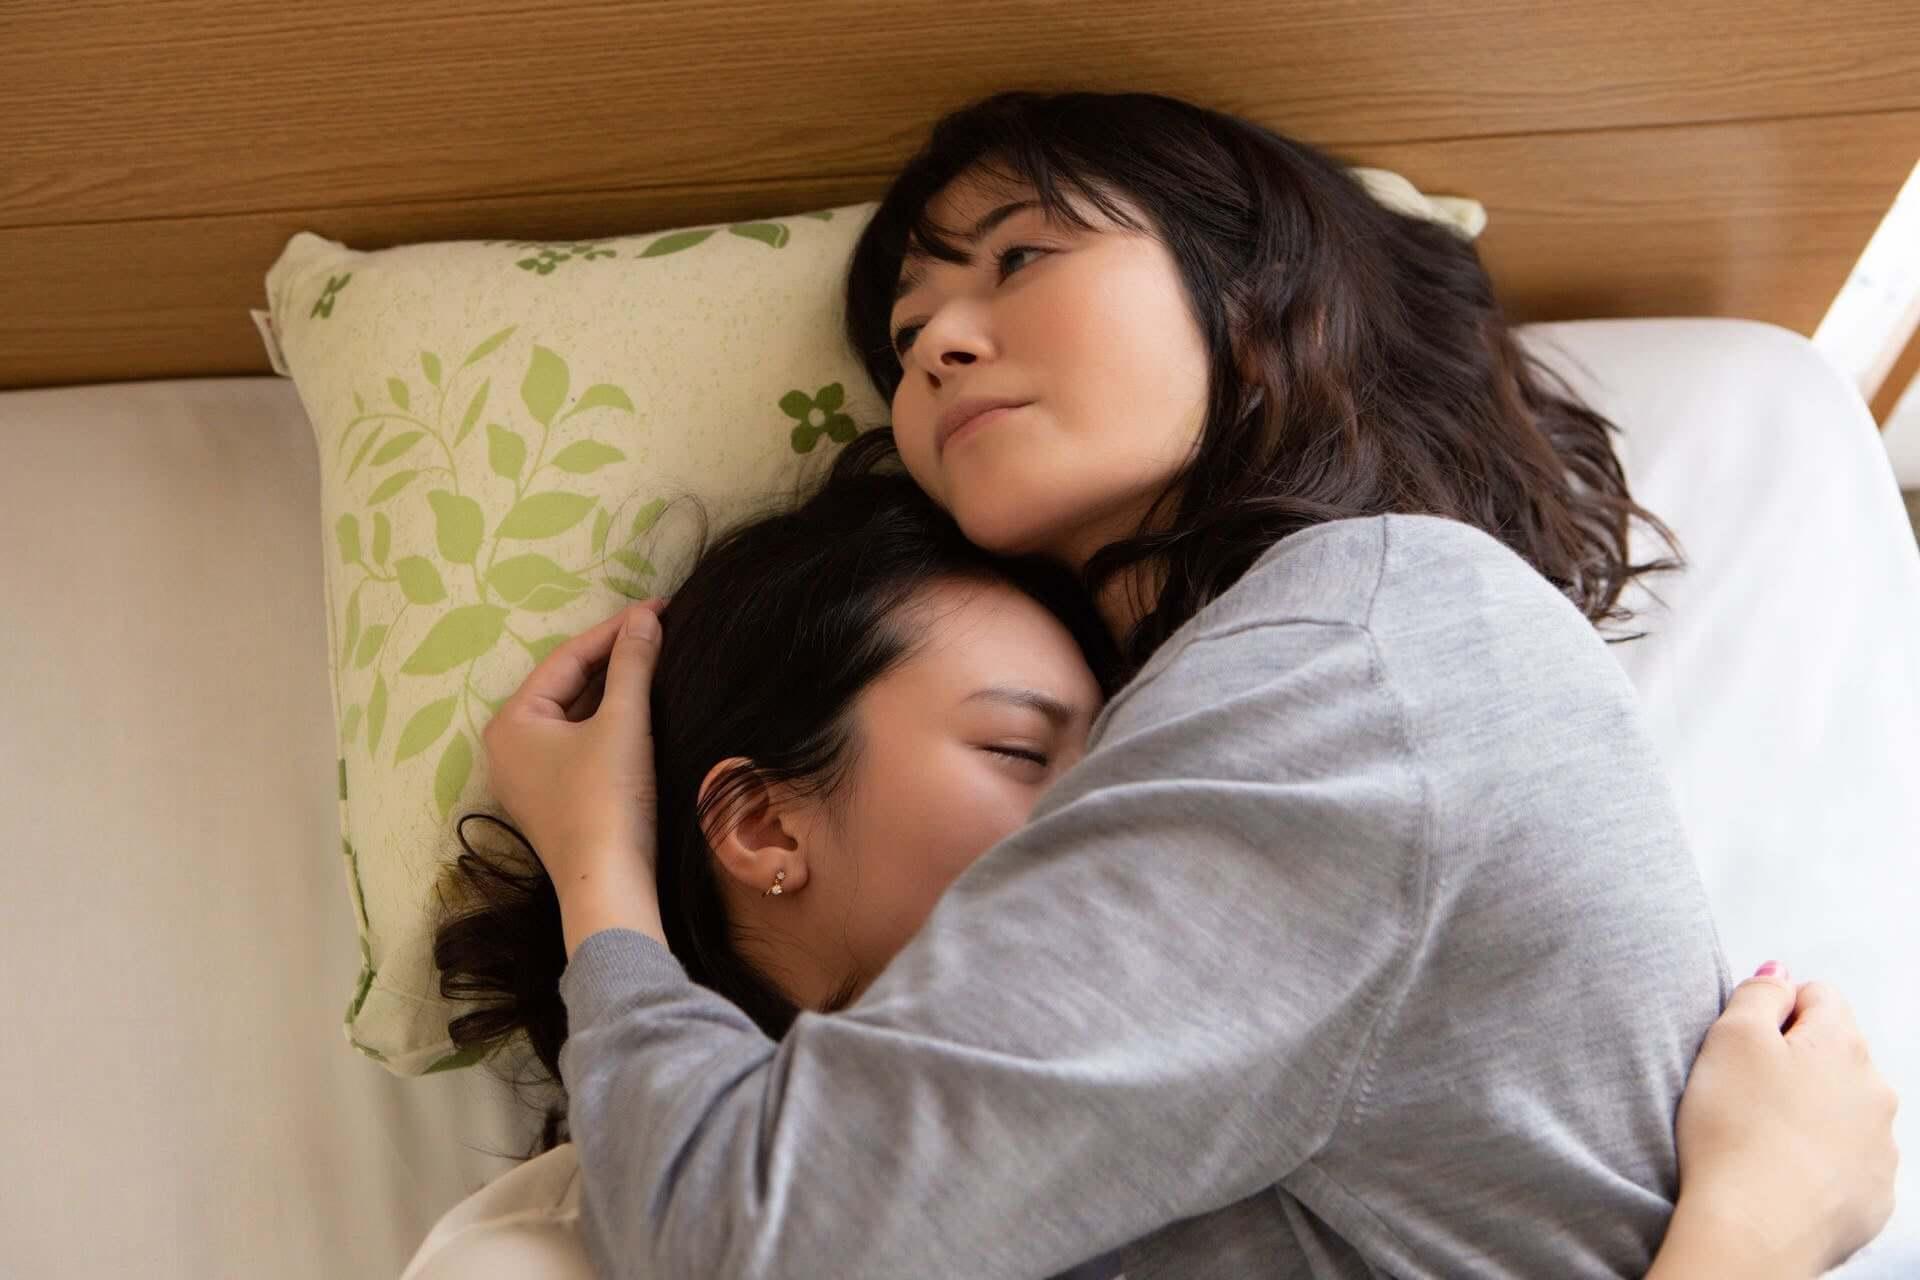 水原希子とさとうほなみ演じる2人の愛の行方とは…Netflix映画『彼女』のティーザー予告編&場面写真が解禁 film210224_netflix-kanojo_8-1920x1280